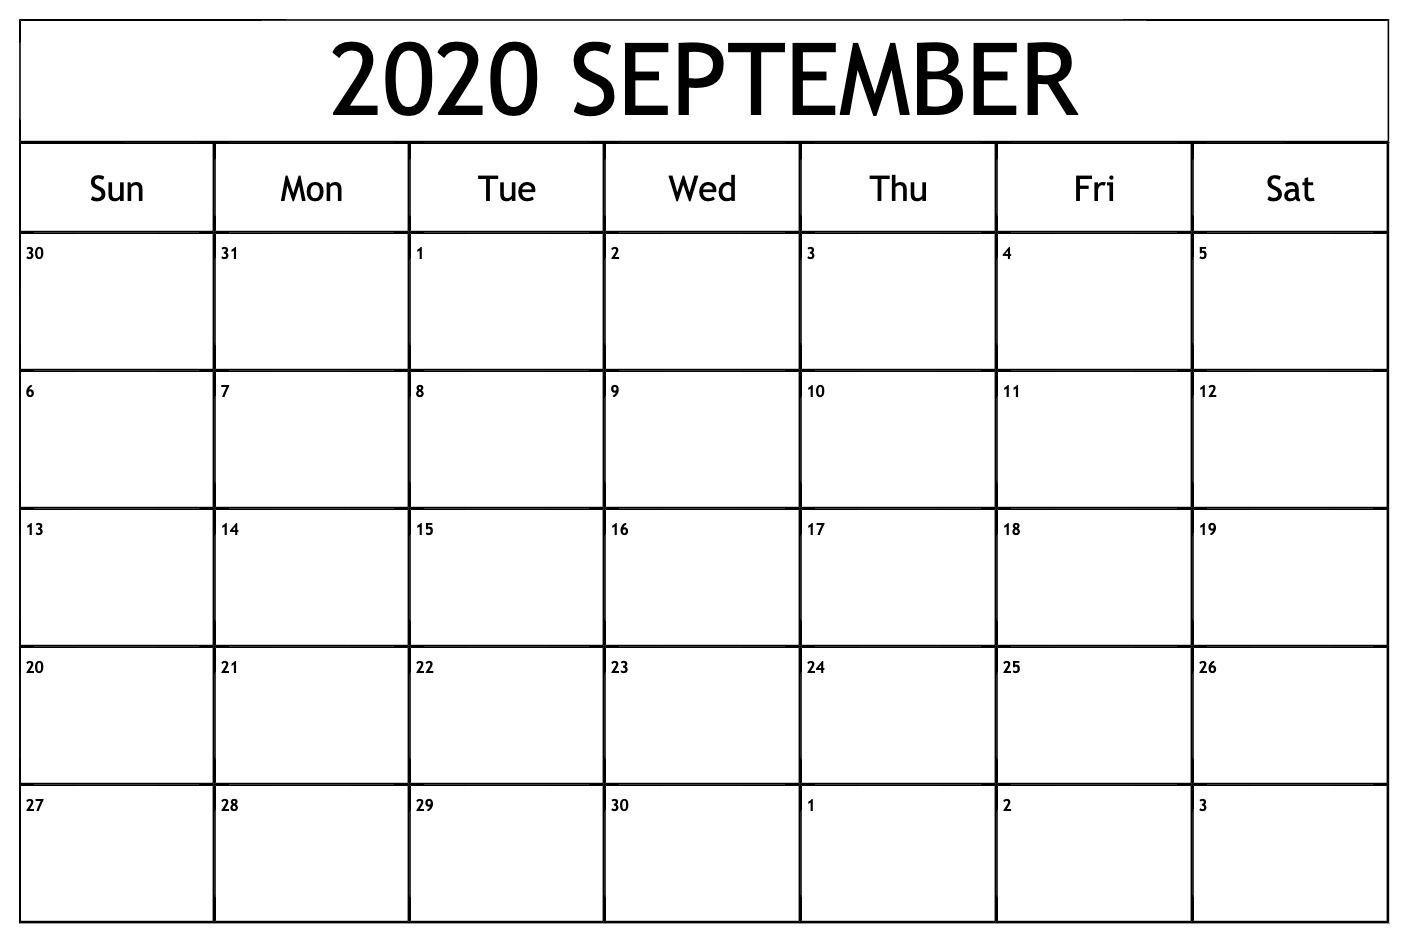 September 2020 Calendar Wallpapers   Top September 2020 1406x929